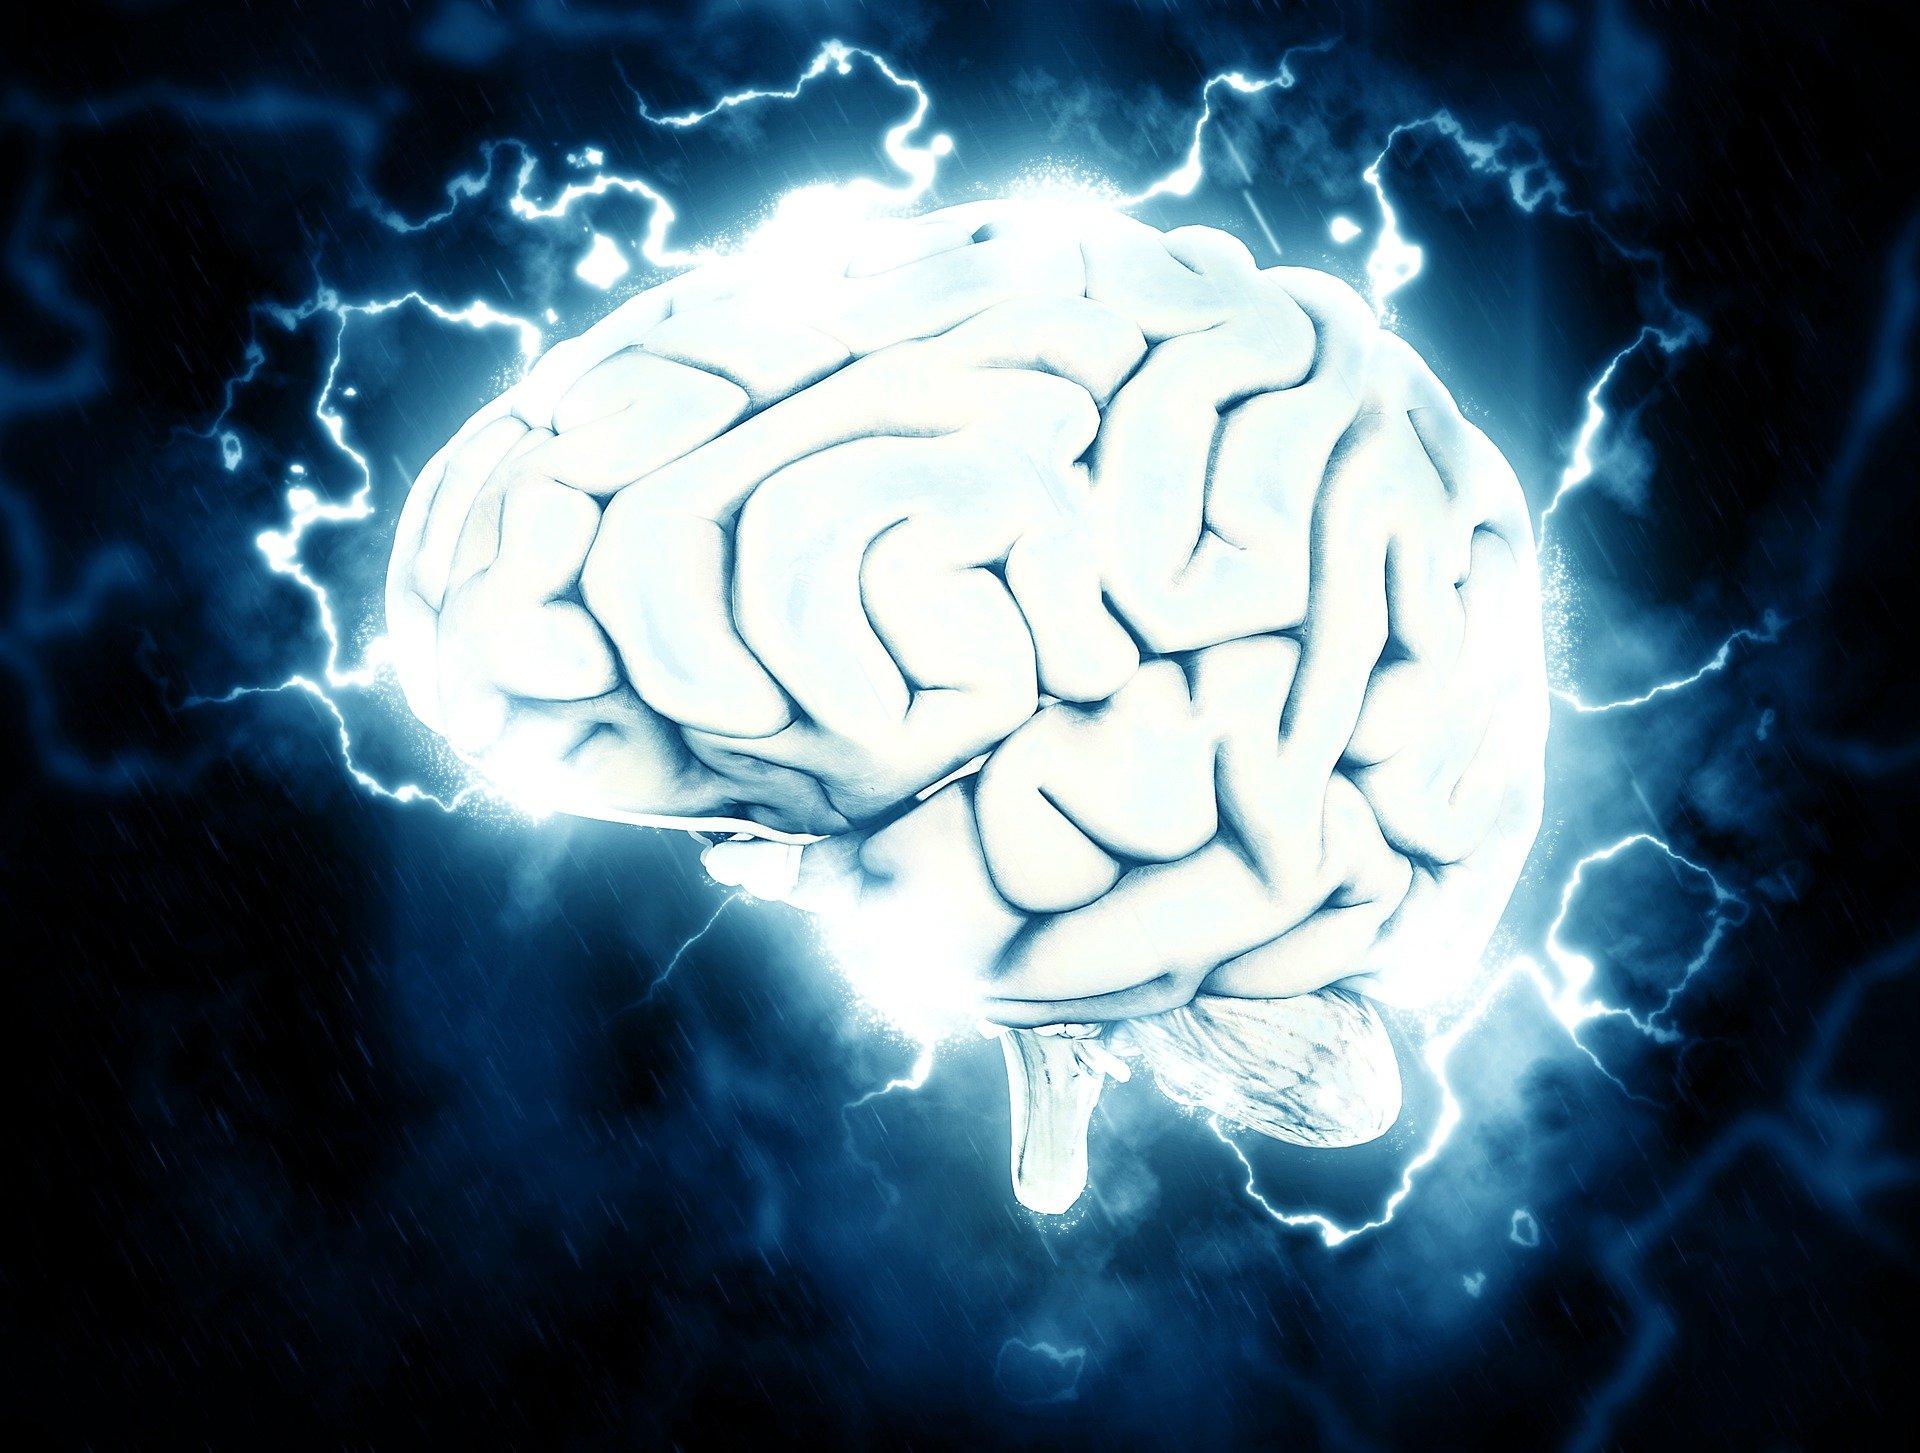 מוח האדם - תוצר חומרי של אנרגיה המחוללת בואקום